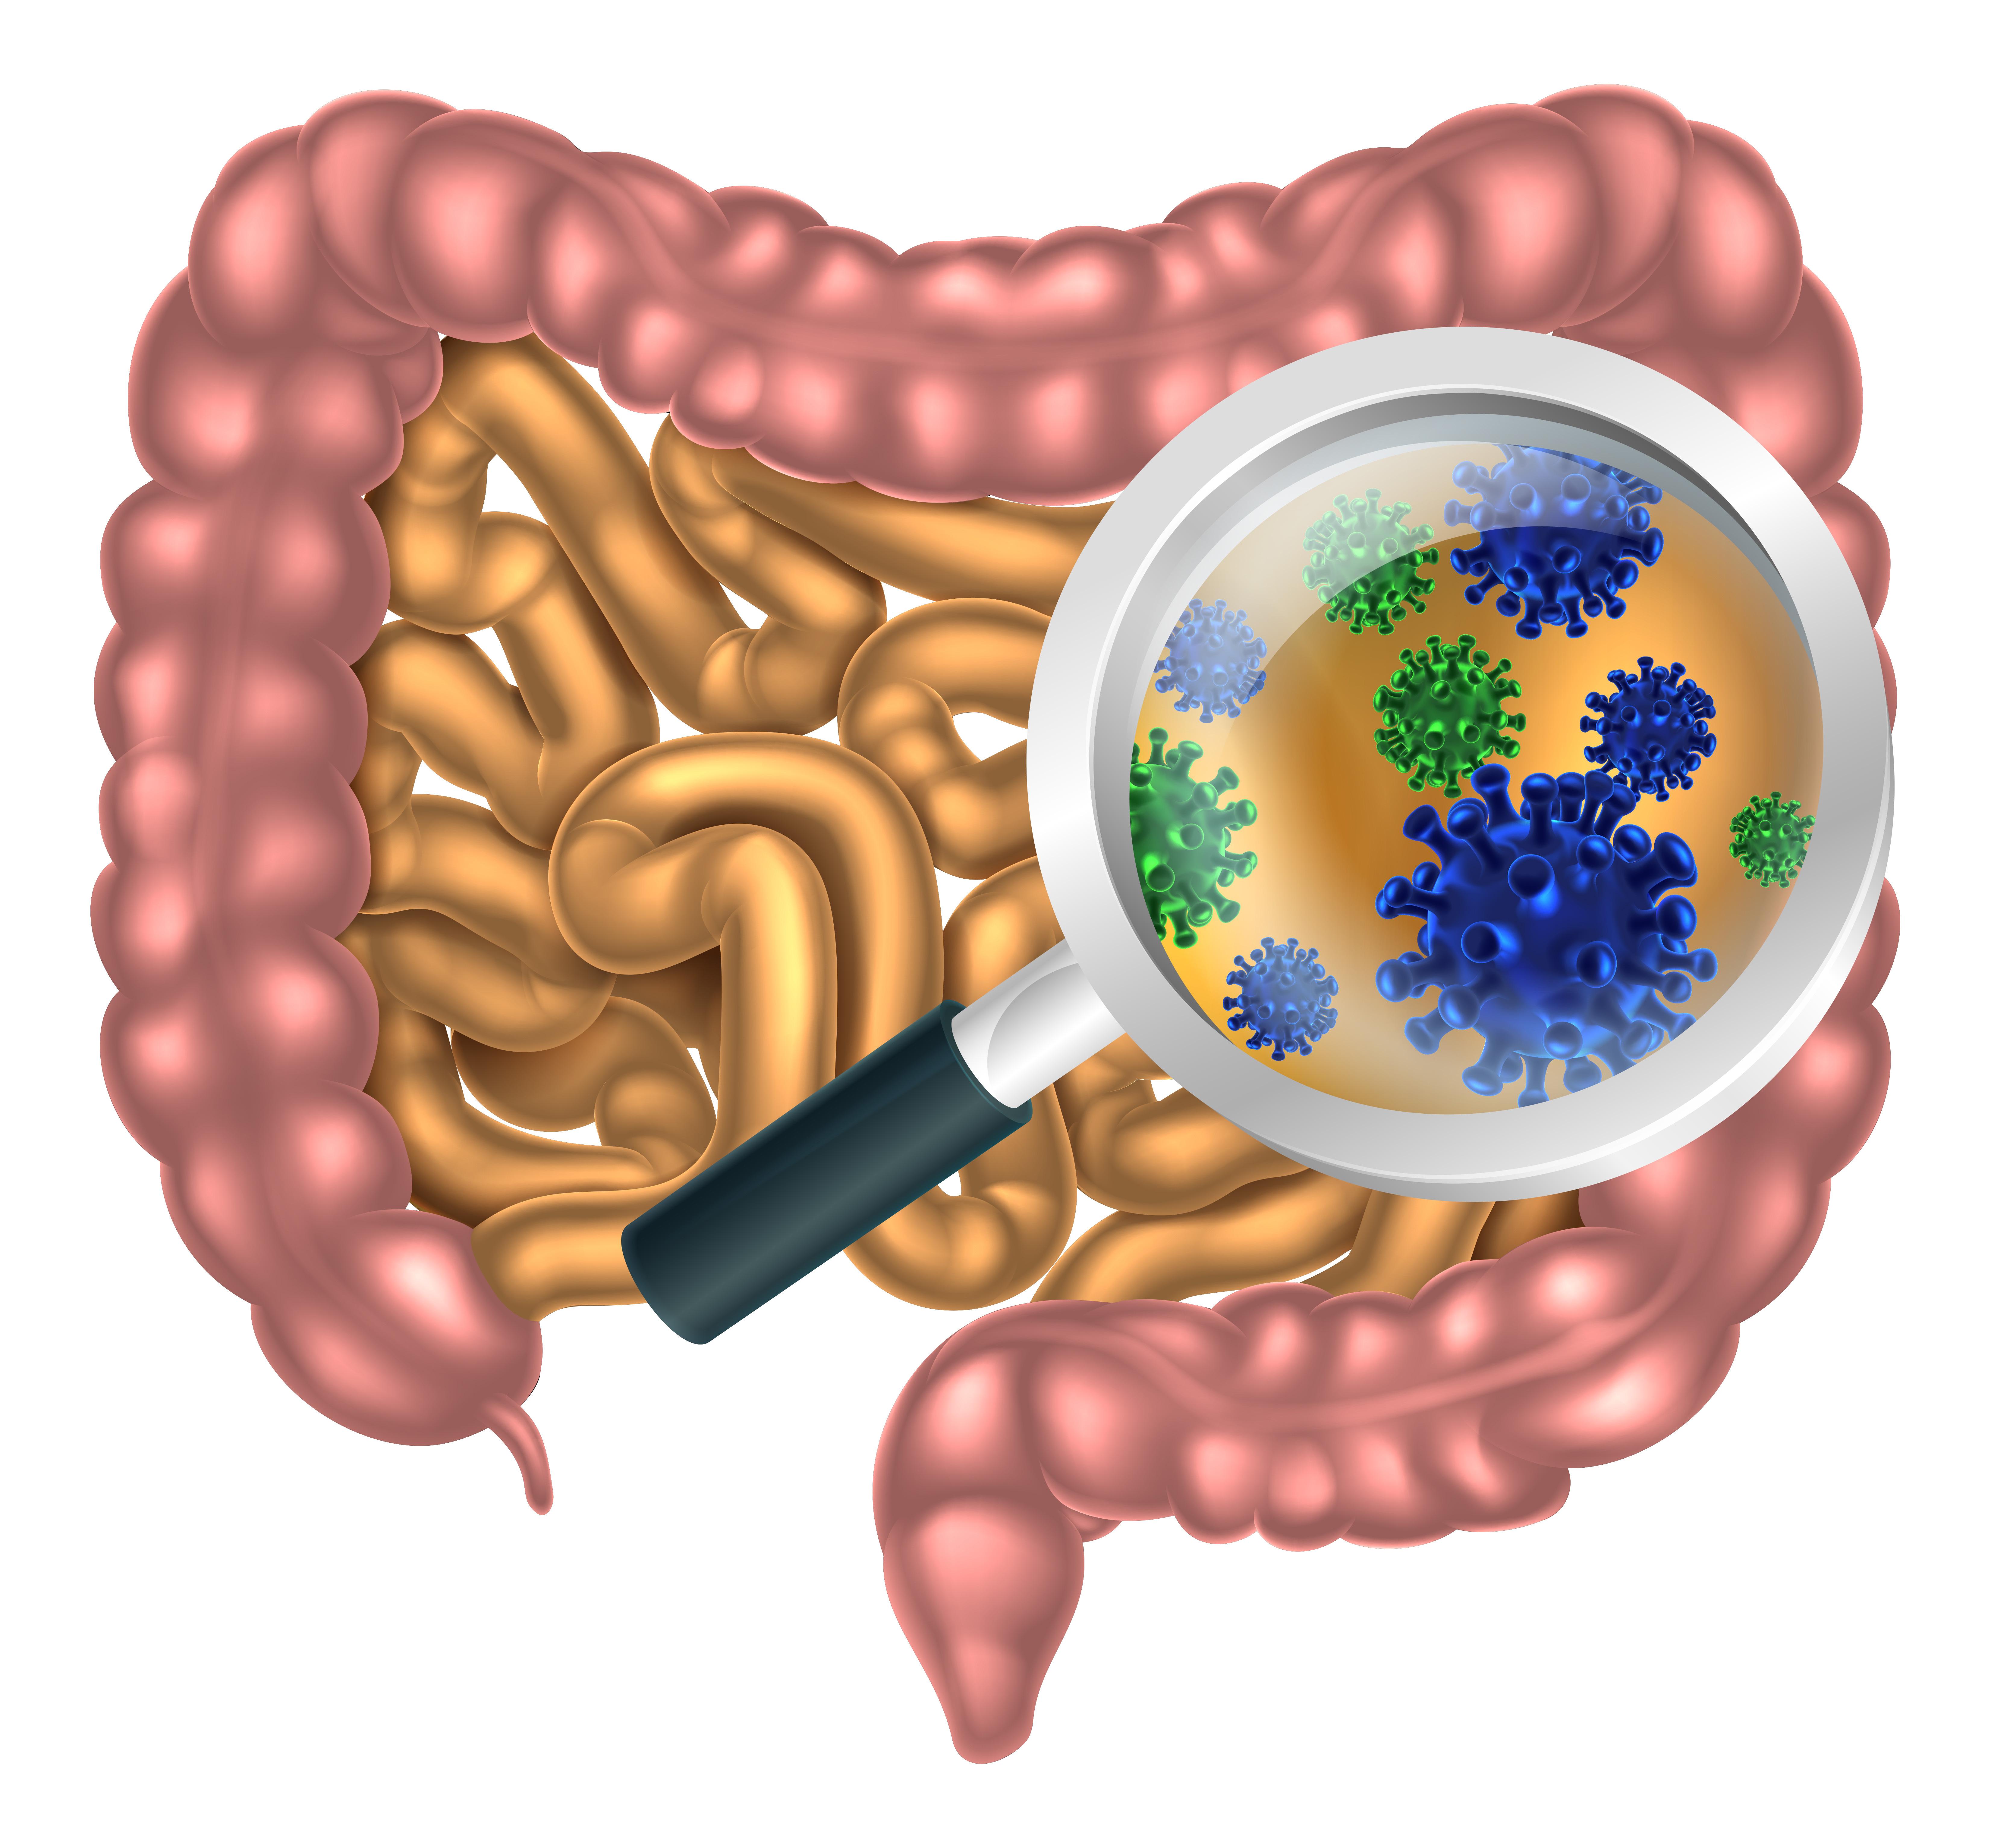 gute bakterien im darm